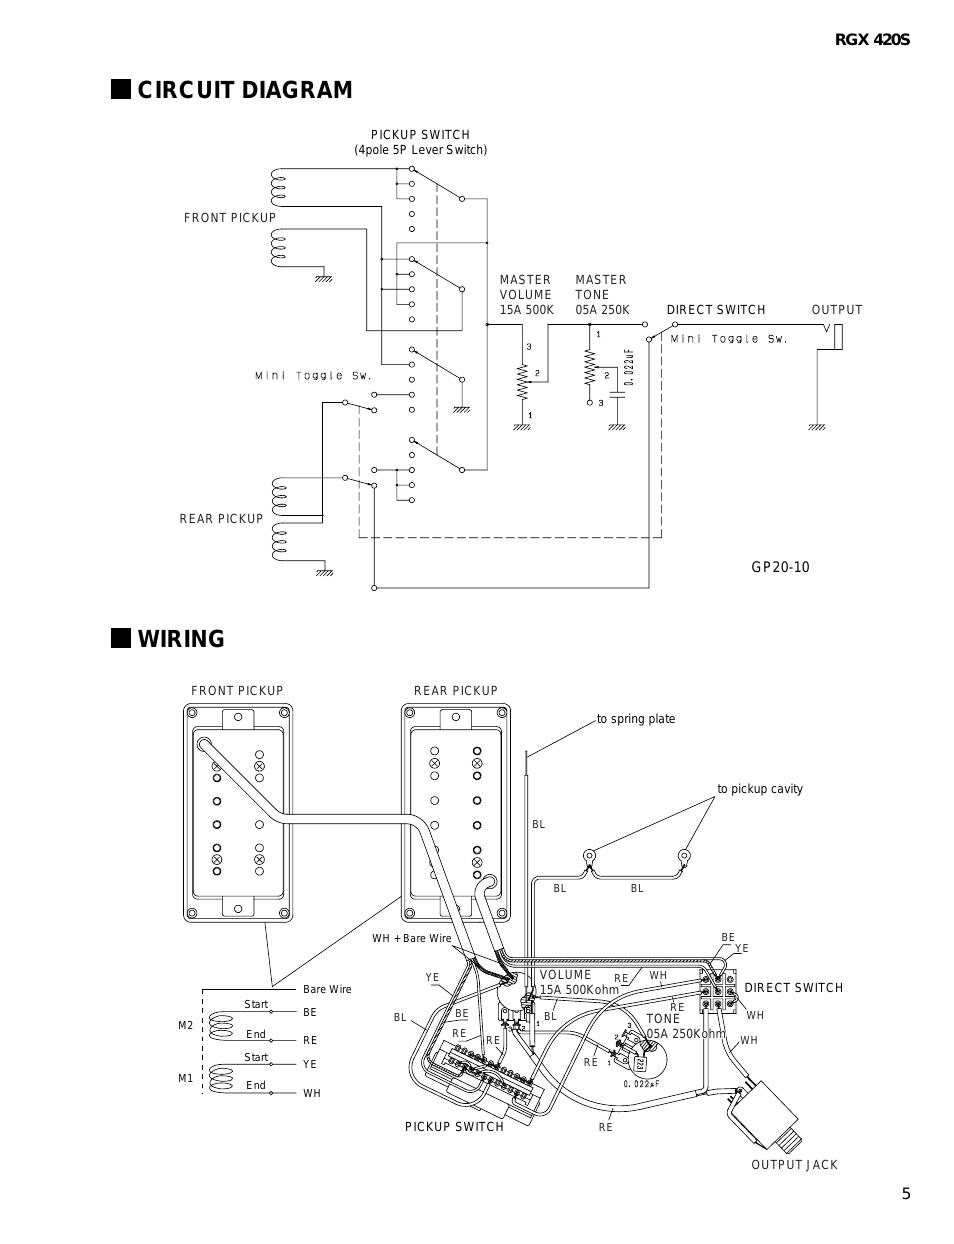 yamaha guitar wiring diagrams wiring diagramyamaha b guitar wiring diagram wiring diagramelectric guitar wiring diagram wirings diagramwiring diagram yamaha electric guitar